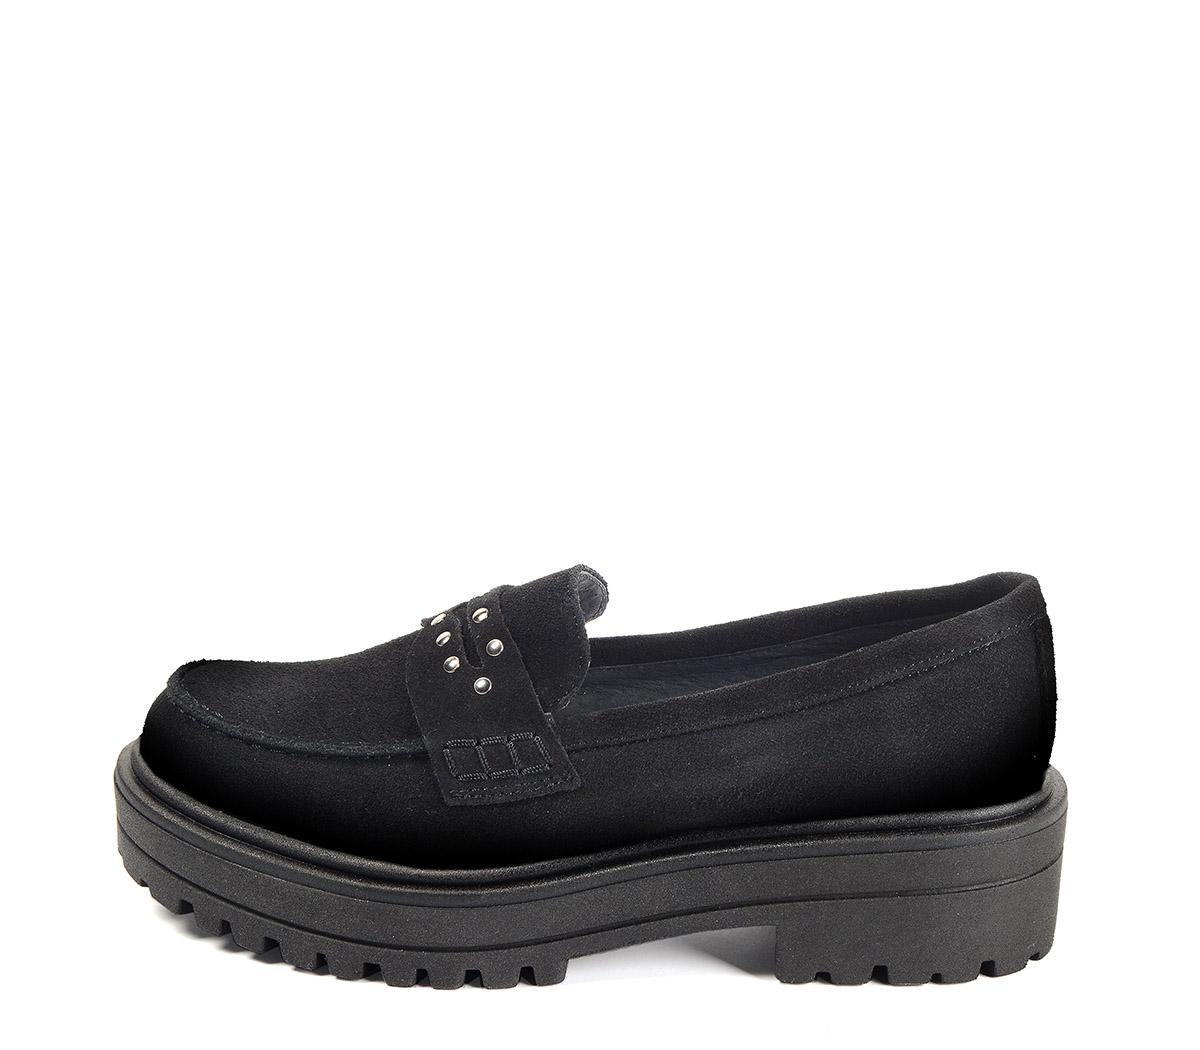 Ref. 4068 Zapato mocasín serraje negro con detalle tachas en el antifaz. Suela dentada. Tacón de 4.5 cm y plataforma de 3 cm.